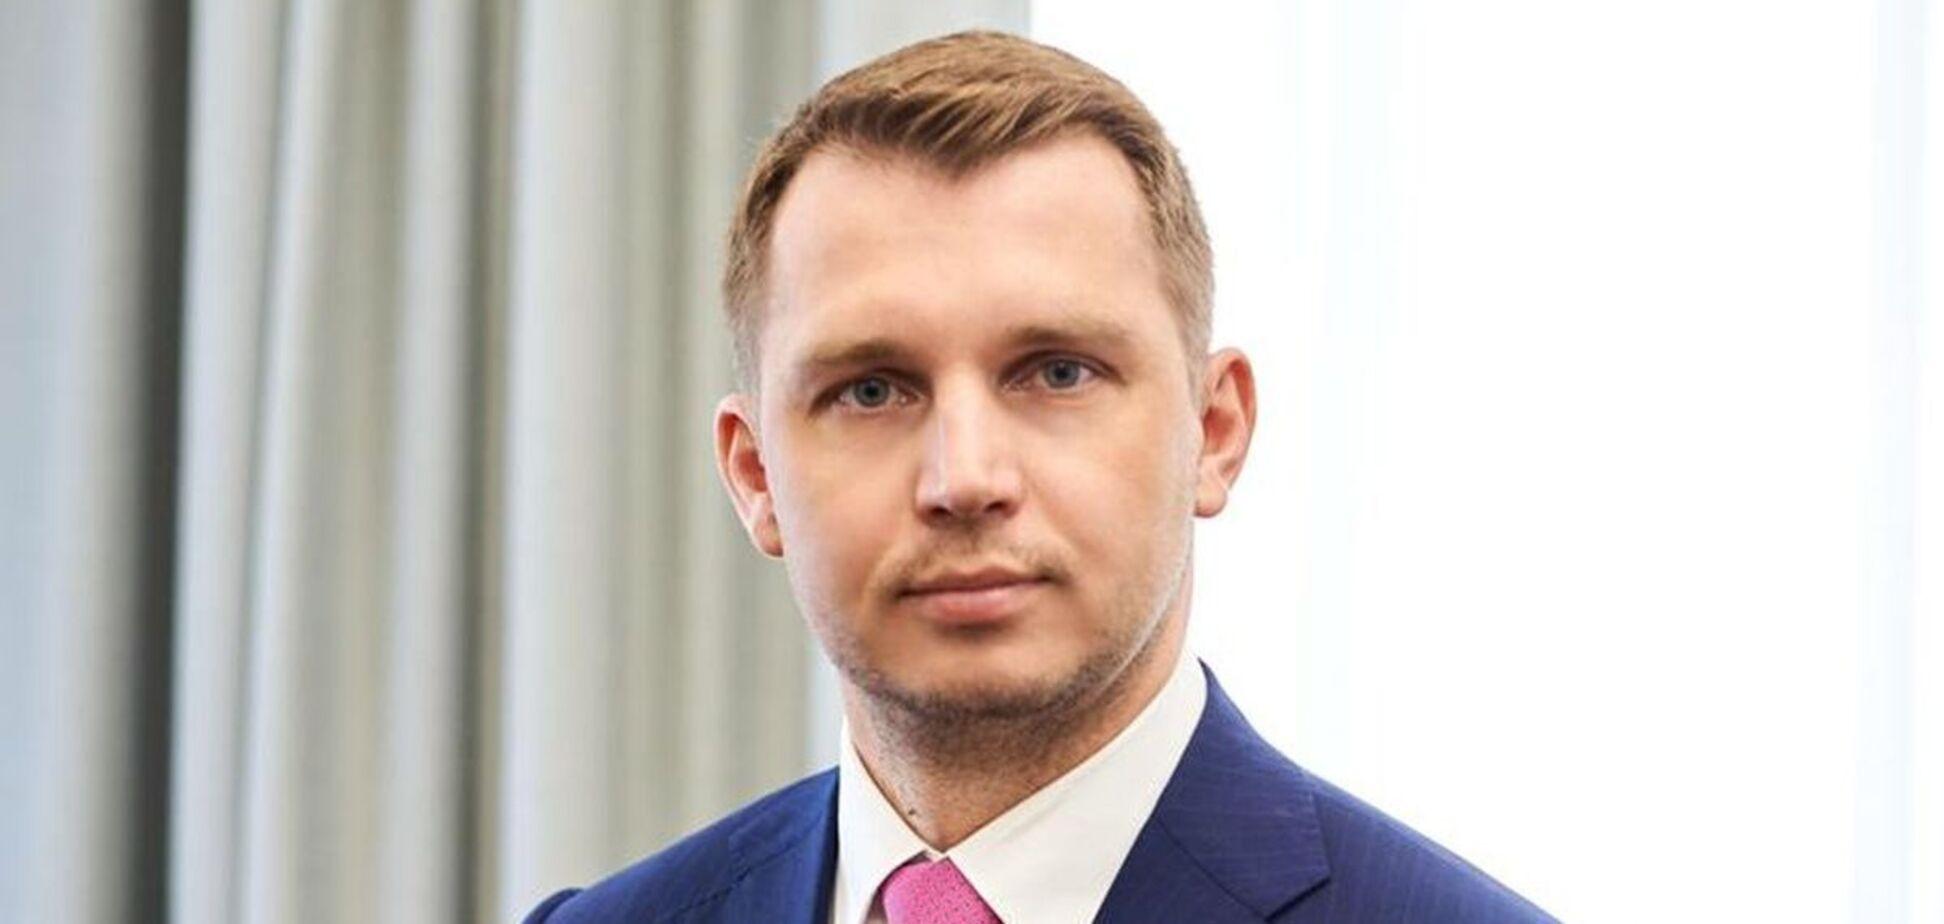 ВСК по 'Укрзалізниці' предложила и.о. главы правления Юрику уволиться по собственному желанию